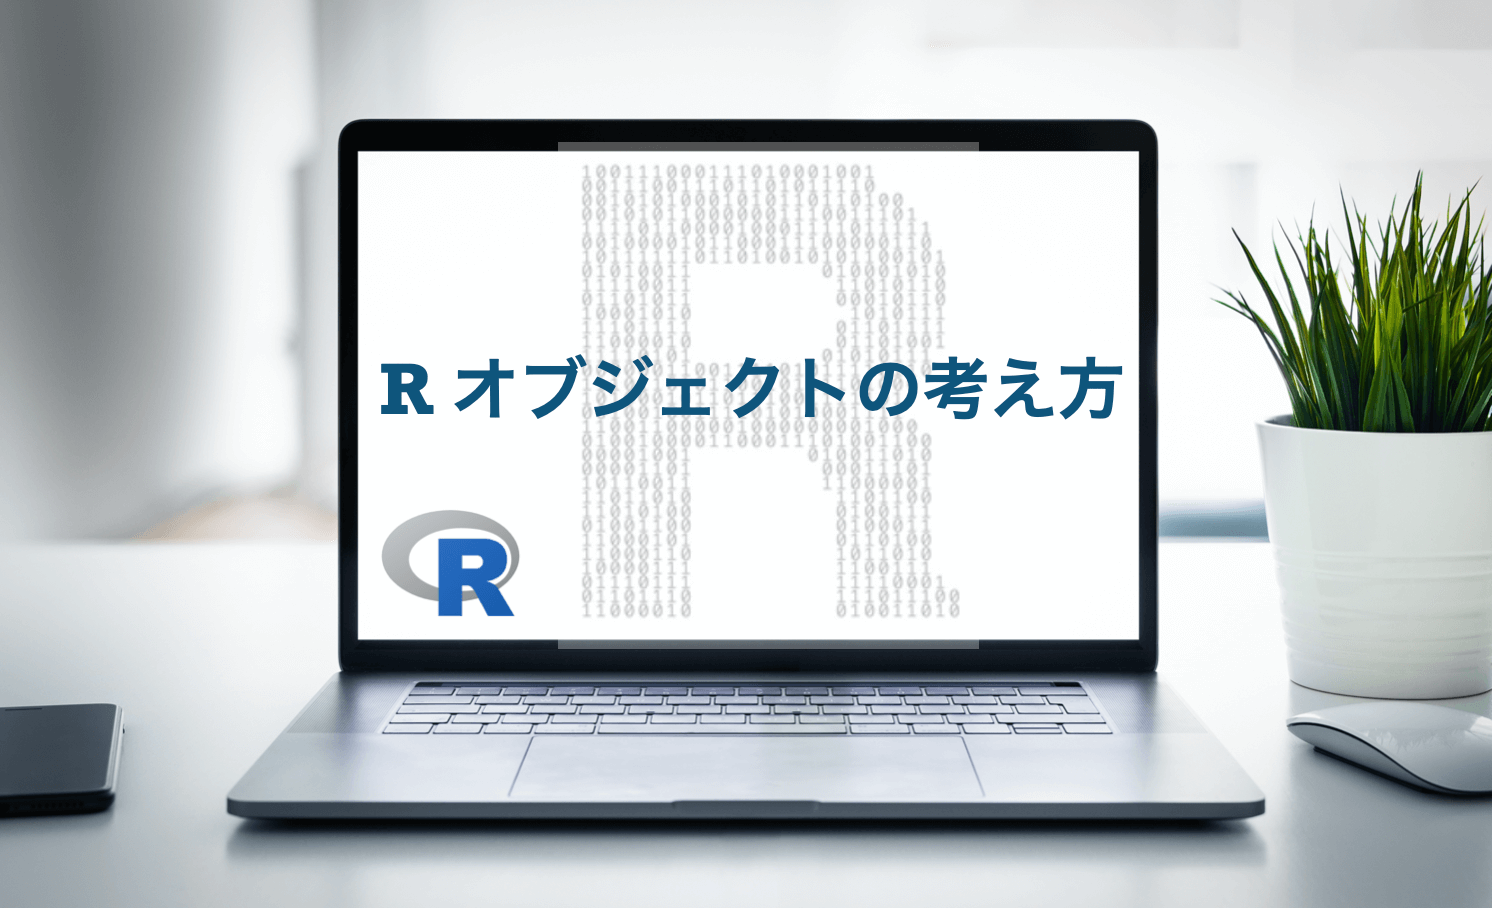 R オブジェクト 指向 考え方